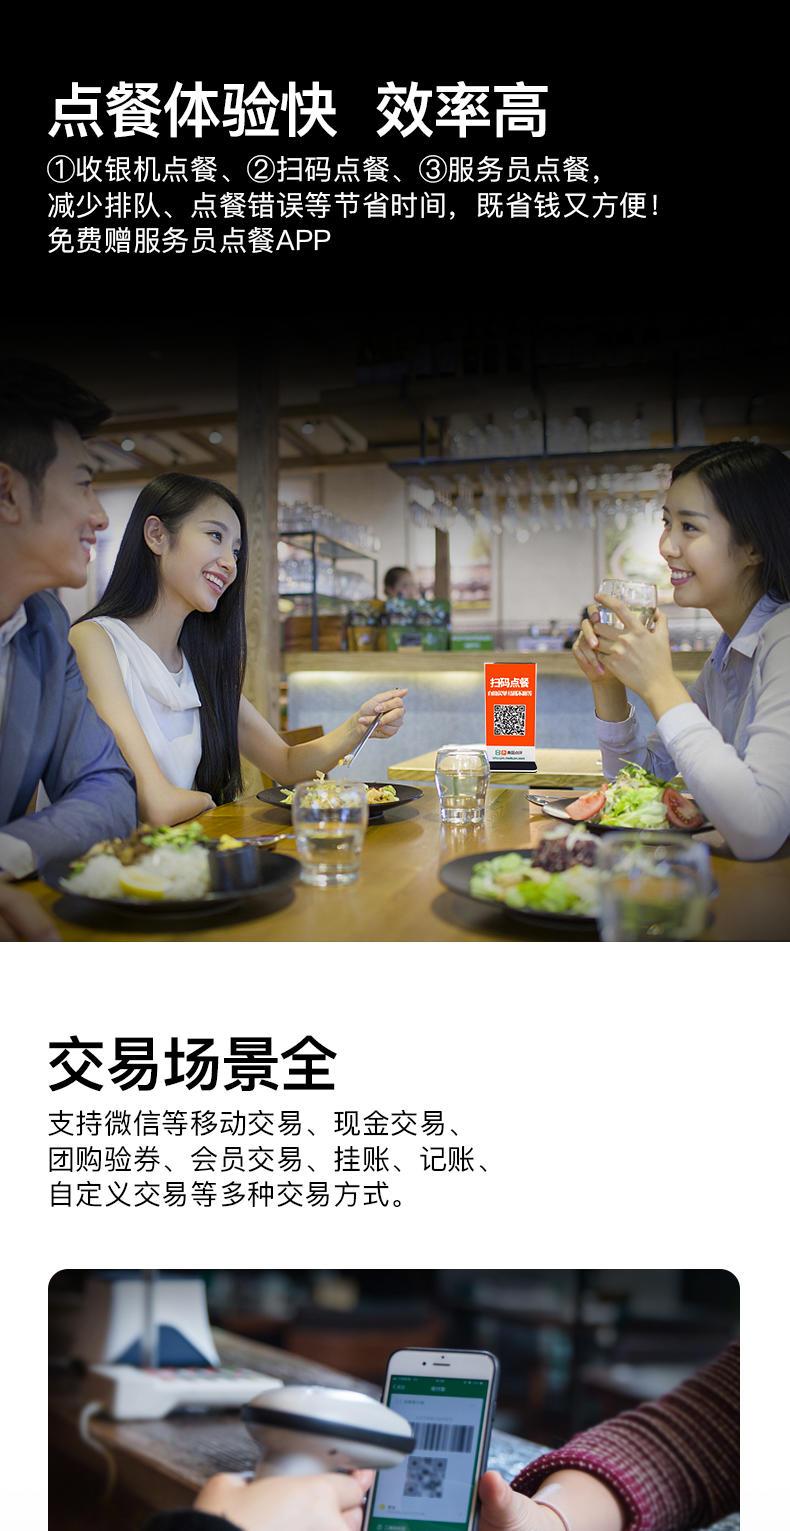 邵阳美团收银机 美团餐饮系统 餐饮软件(图6)